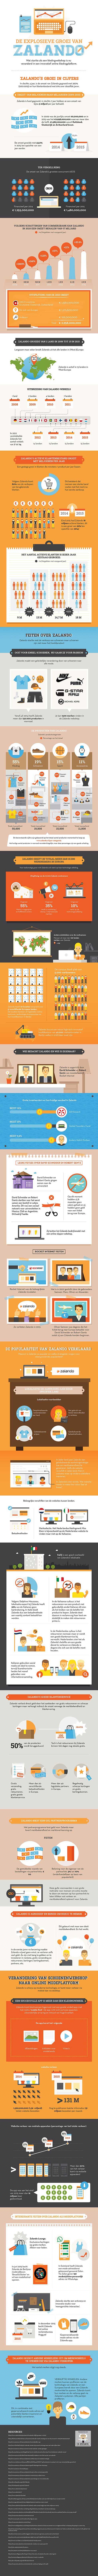 Infographic De explosieve groei van Zalando